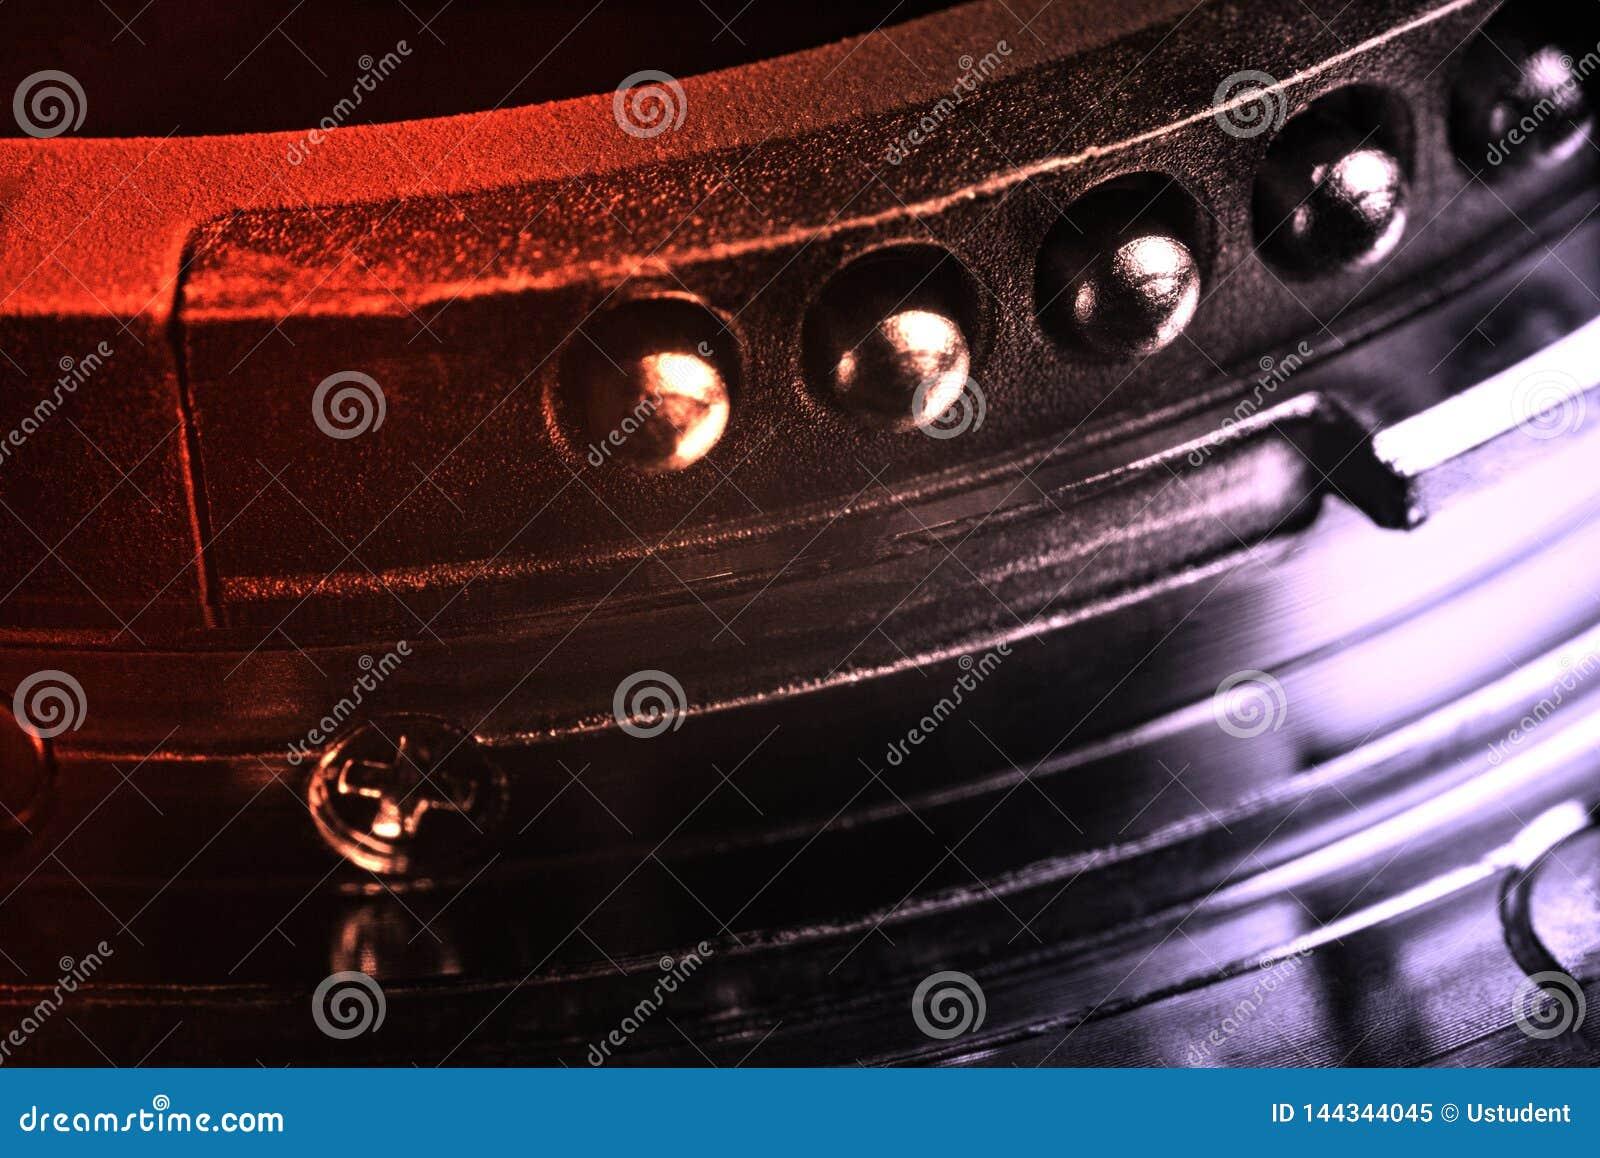 Les contacts du bâti de lentille